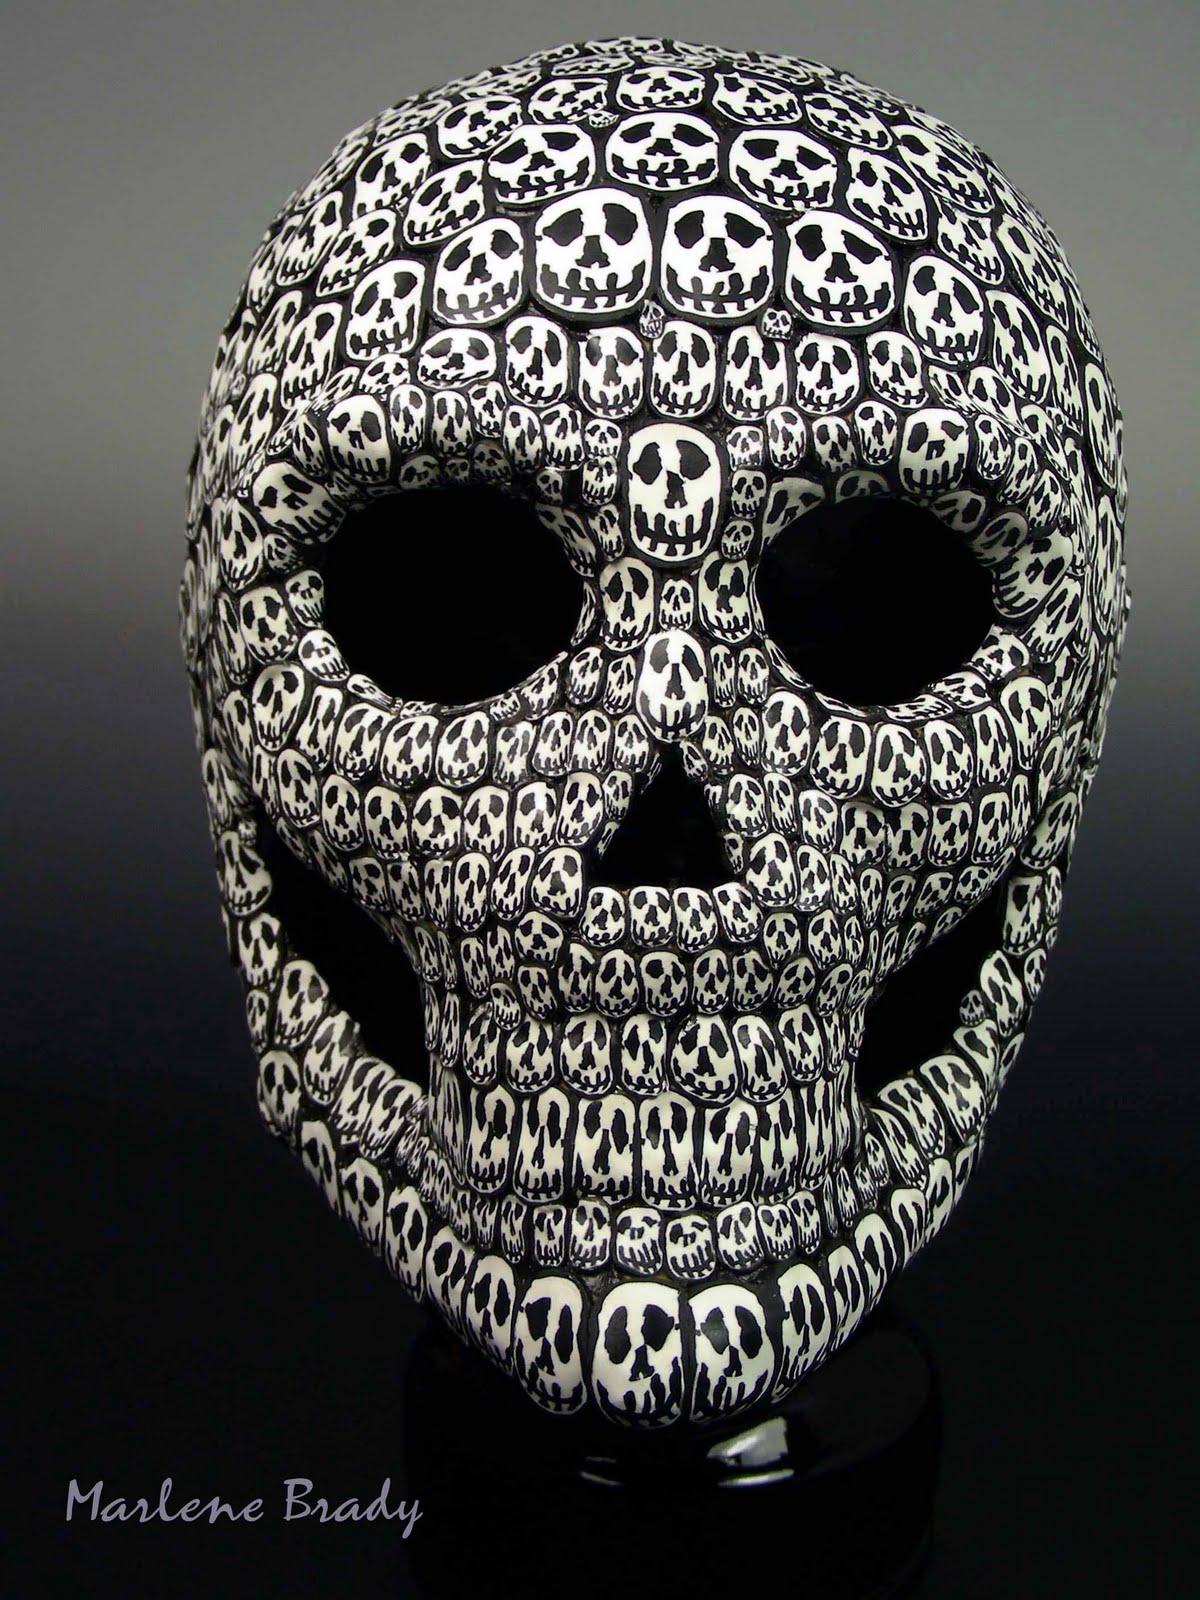 Chameleon skull  Etsy